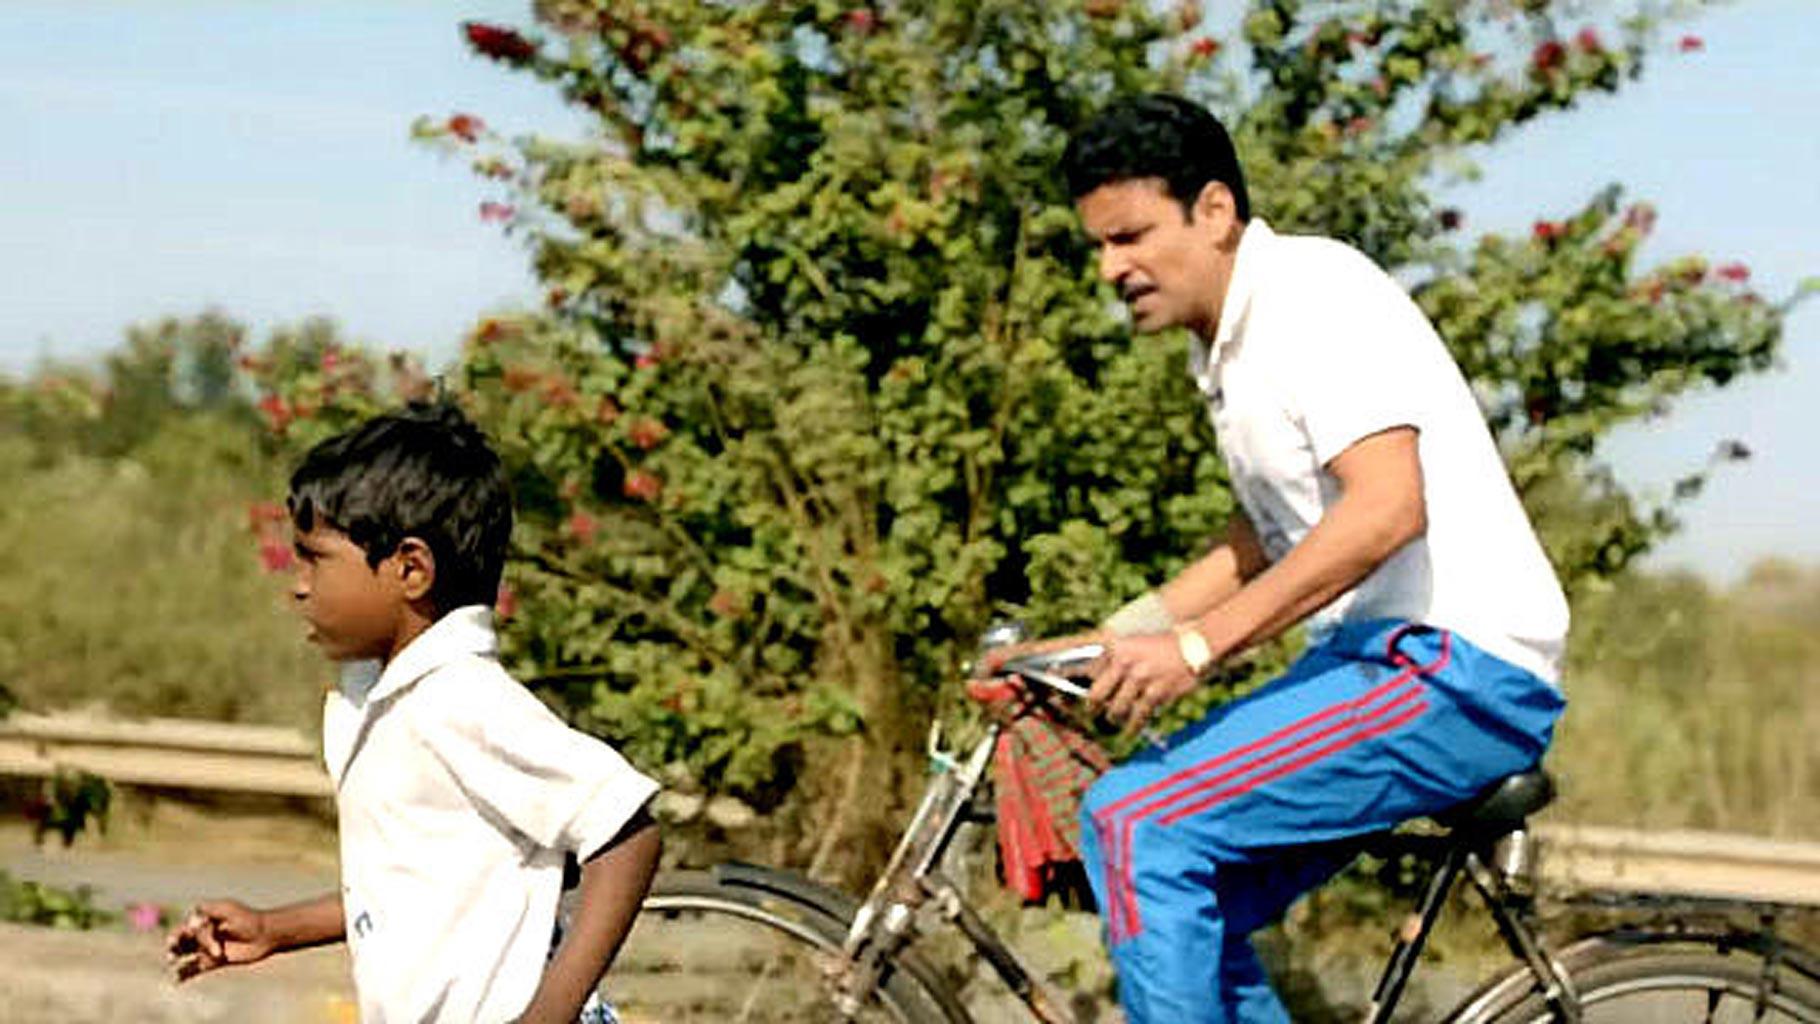 જાણો કેવી છે સત્યઘટના પર બનેલી ફિલ્મ 'બુધિયા સિંહઃ બોર્ન ટુ રન'